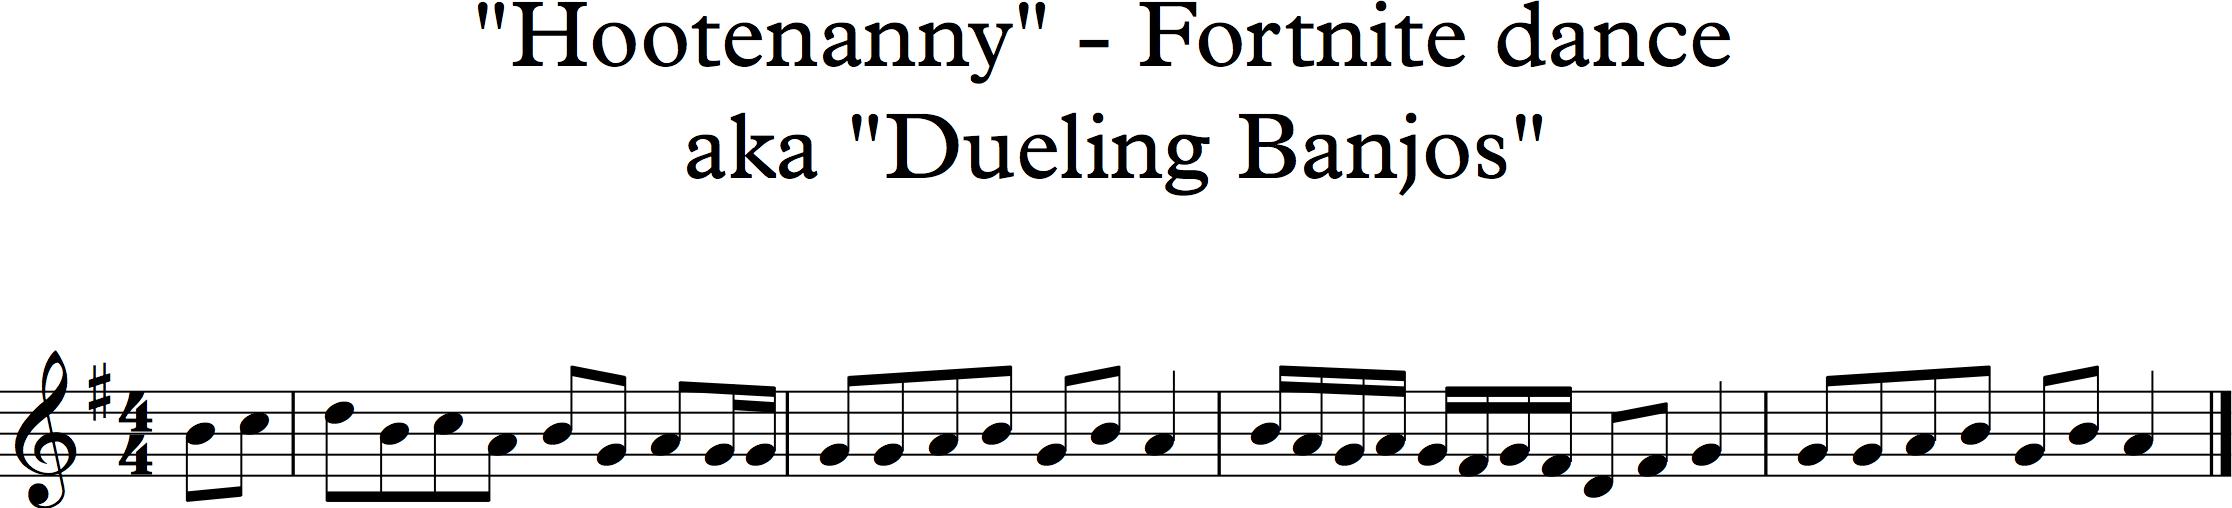 Dueling Banjos Fiddlehed Online Fiddle Lessons